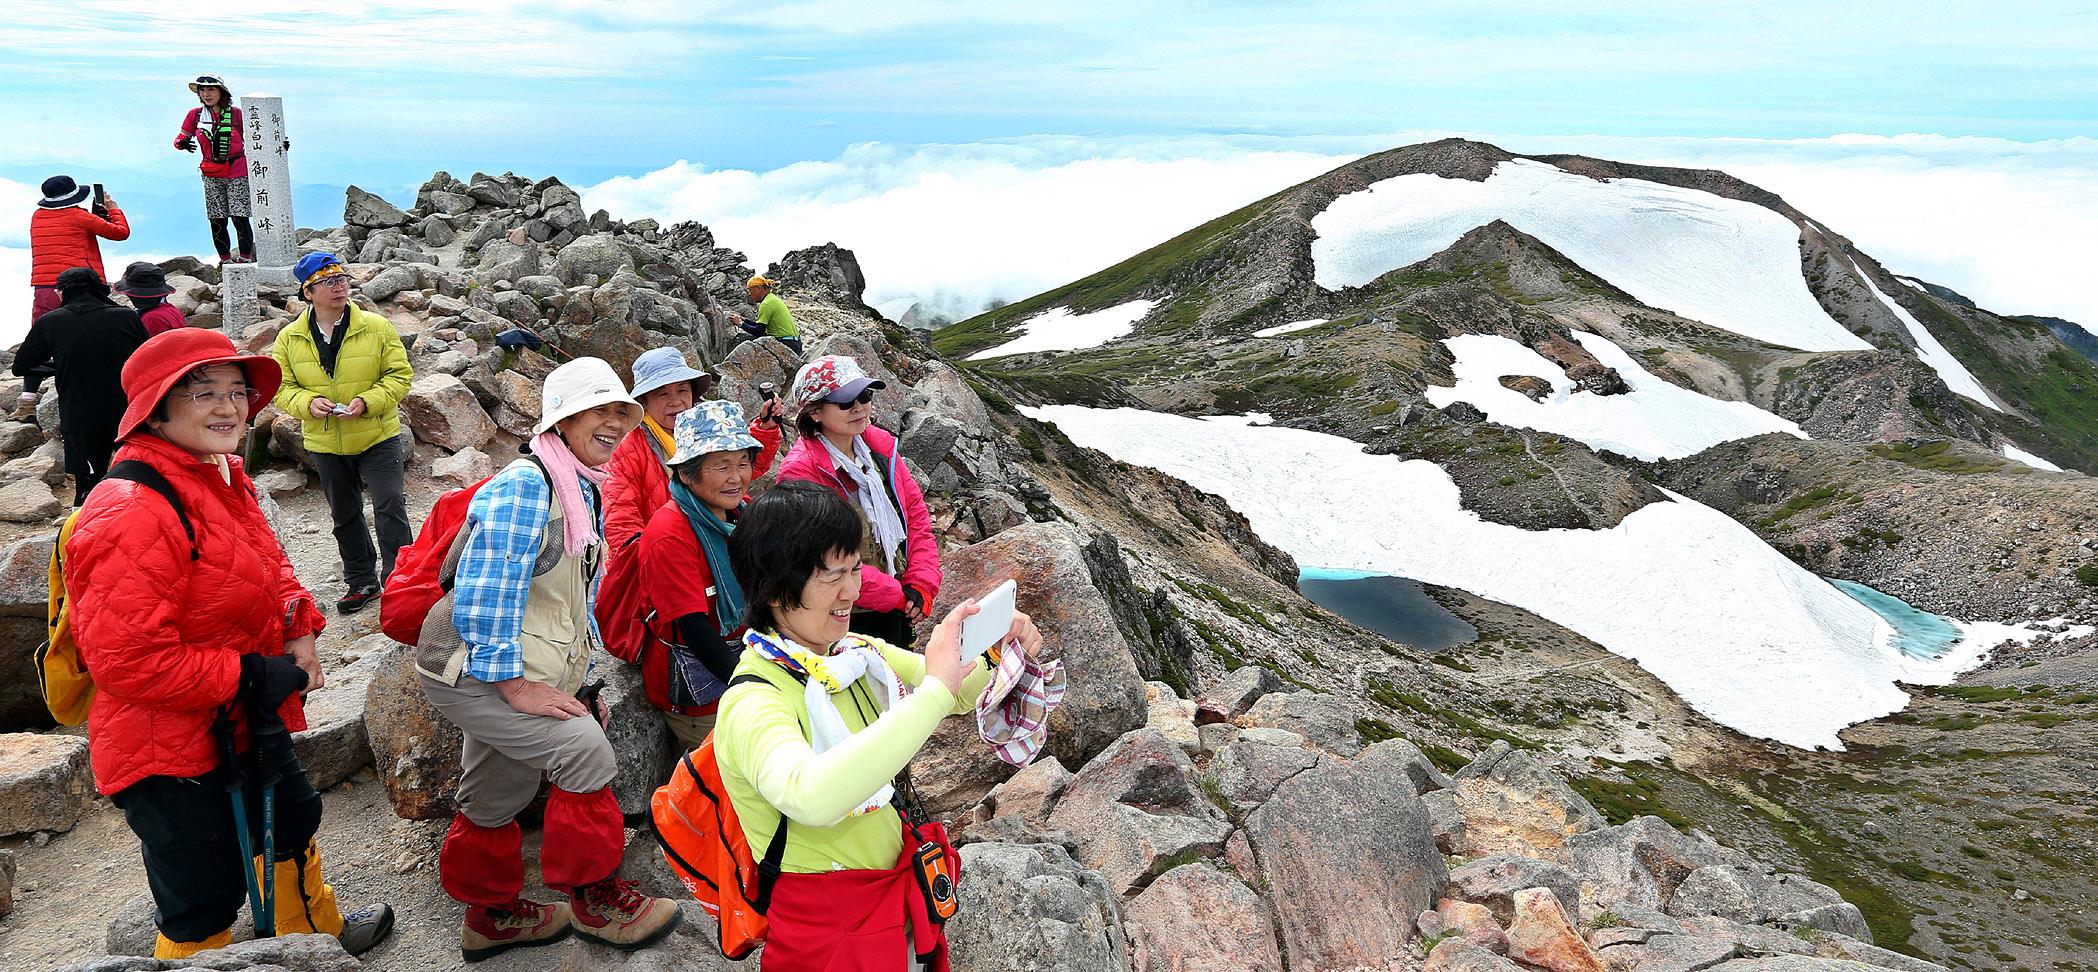 御前峰からの絶景を楽しむ登山客=30日午後3時(三上聡一撮影)